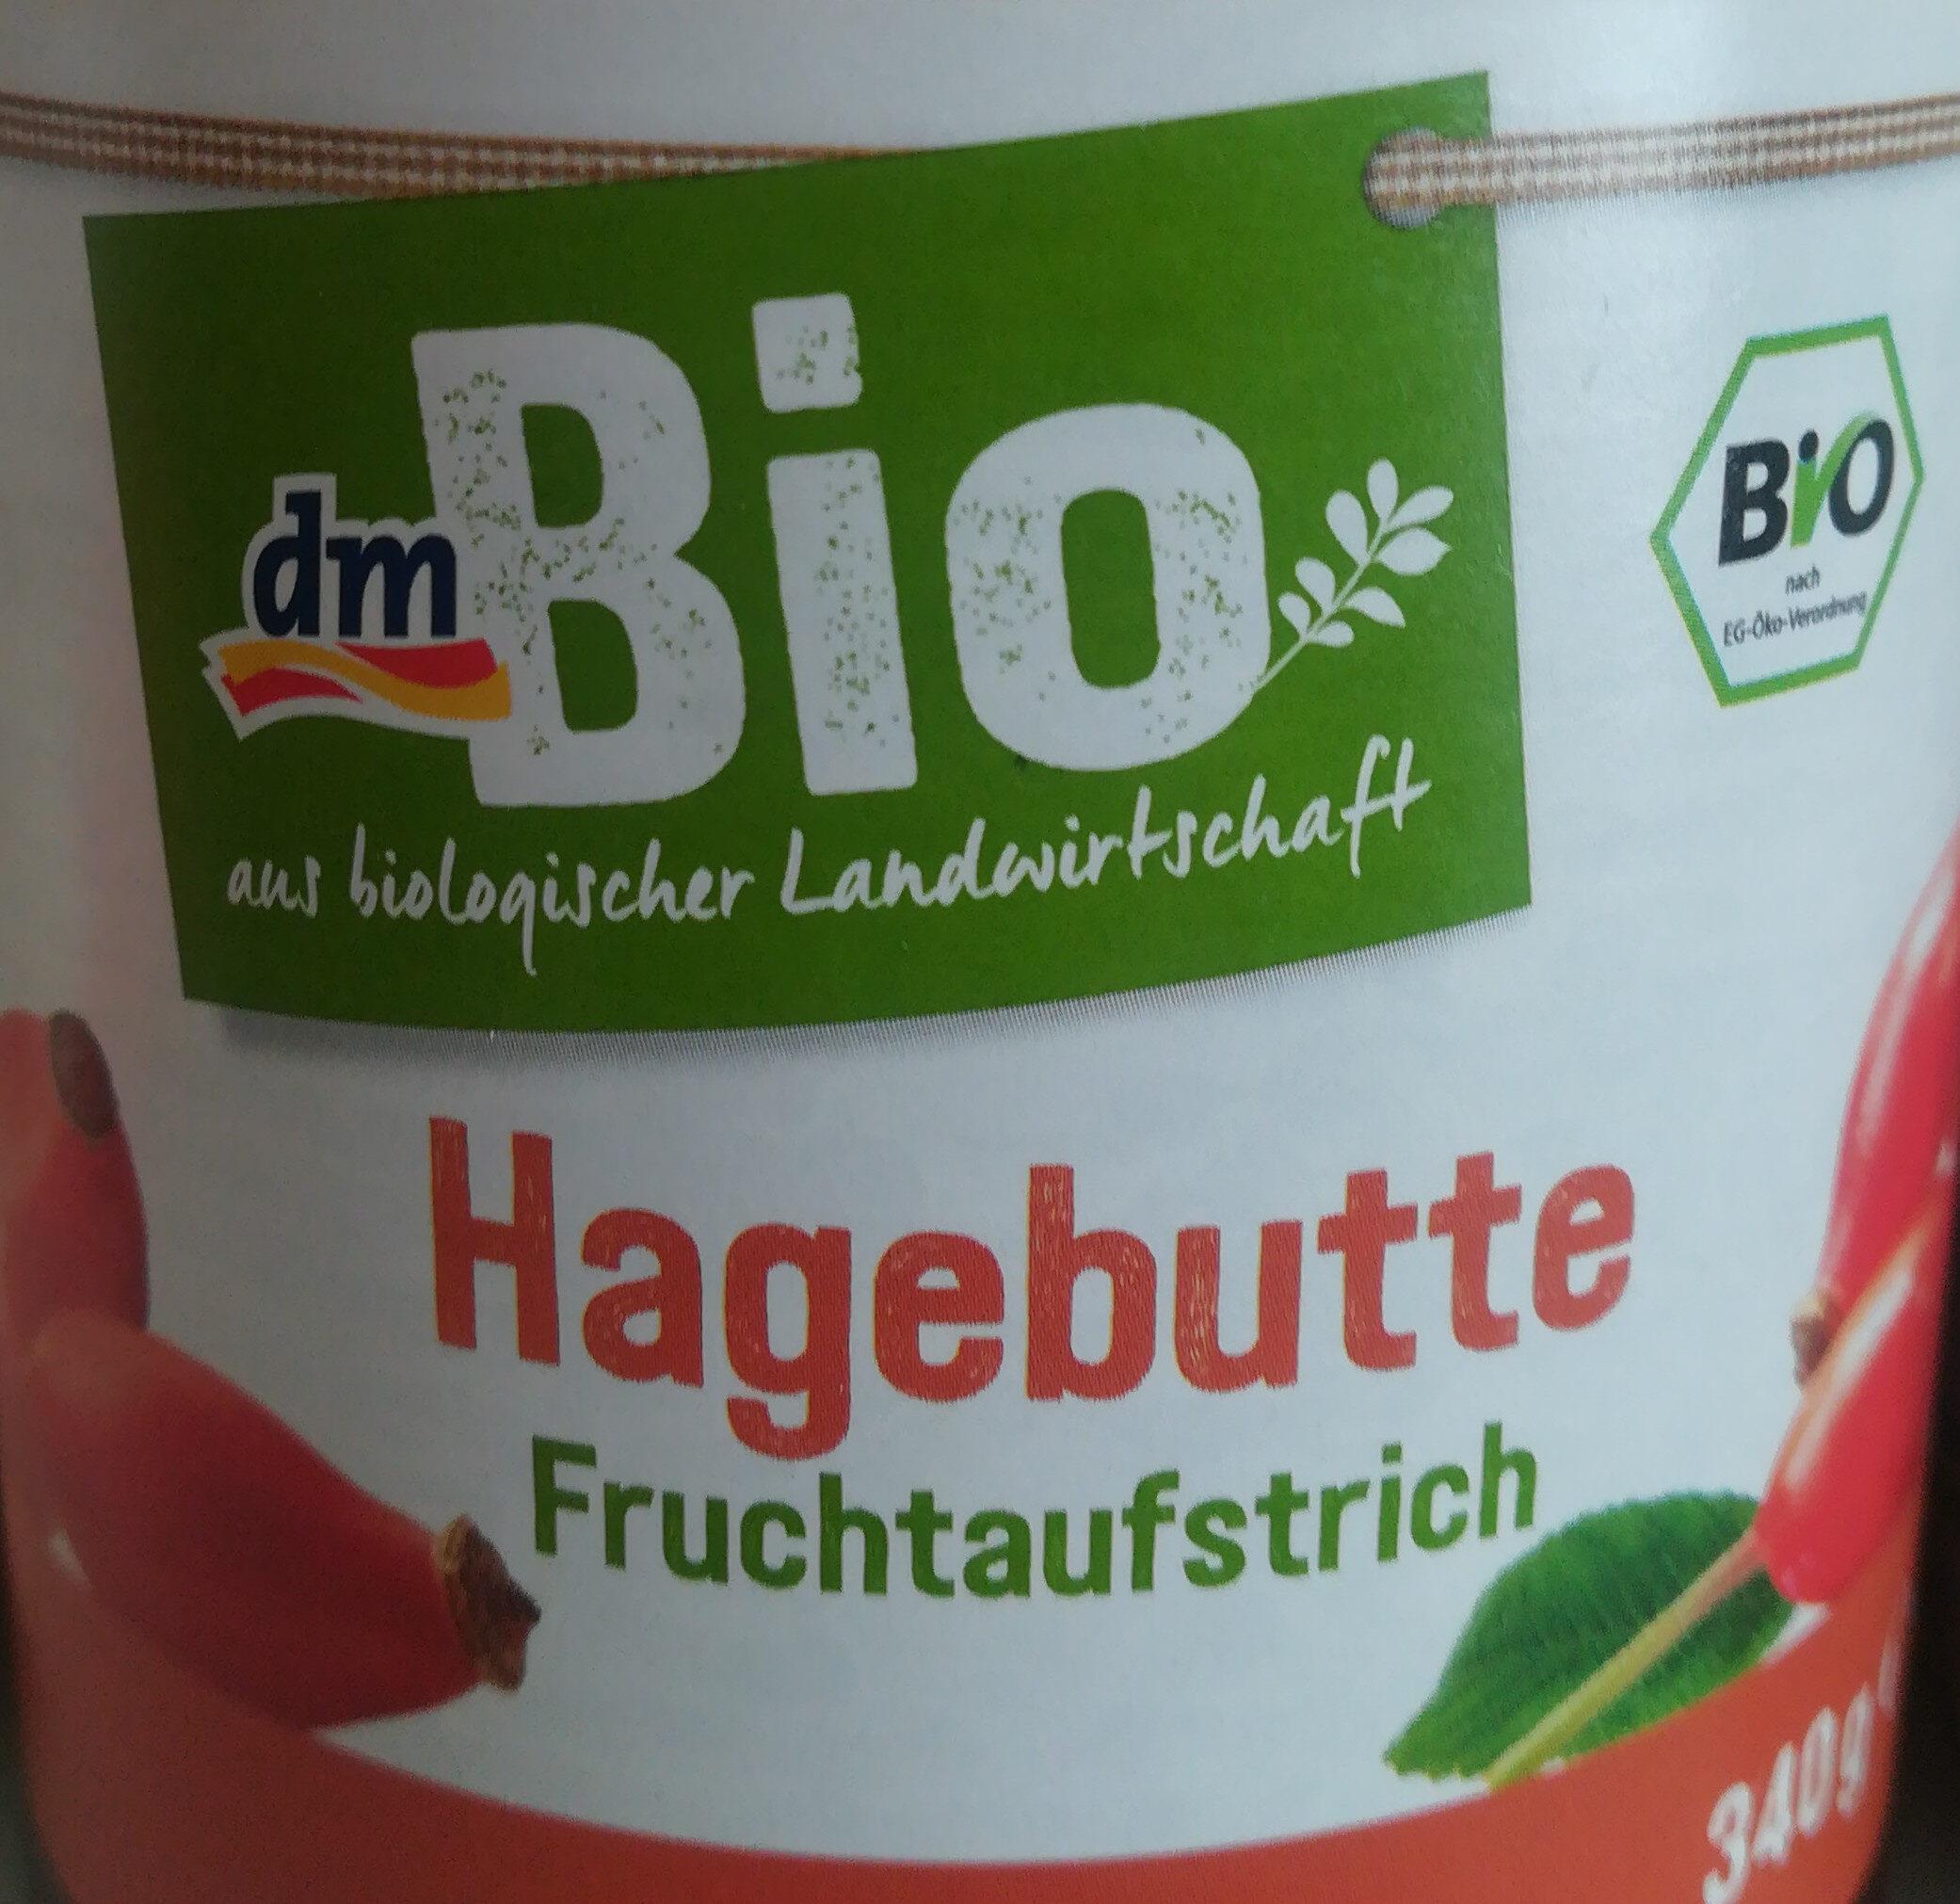 Bio Hagebutte Fruchtaufstrich - Prodotto - de